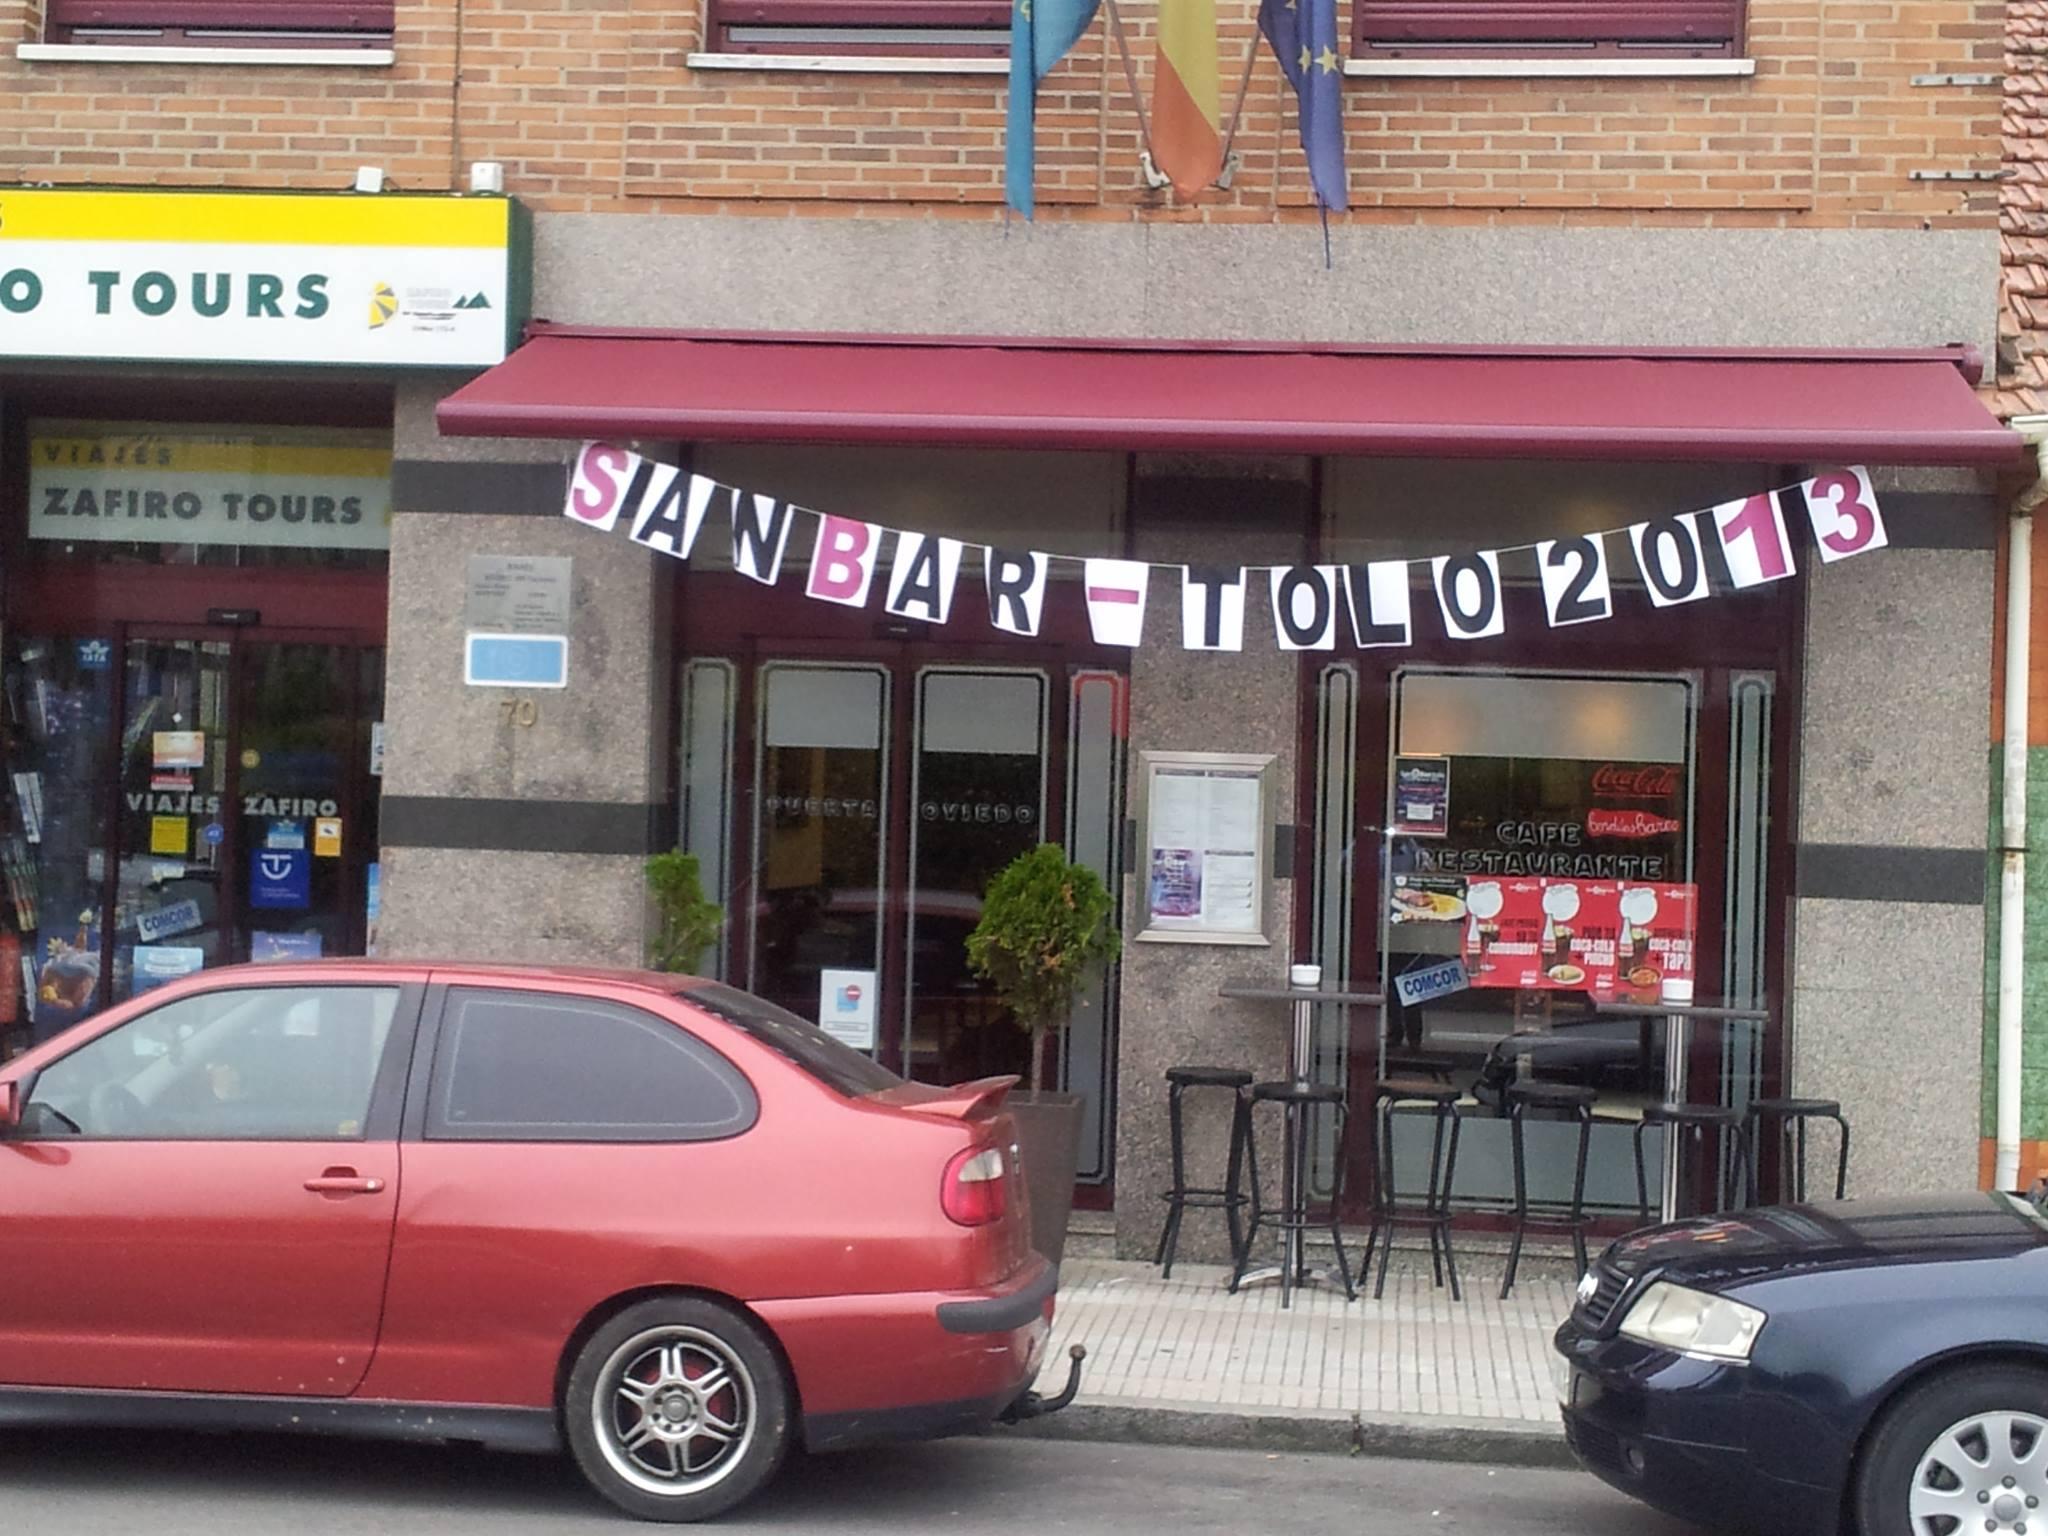 Ya Estamos Preparados Viva San Bar Tolo 2013